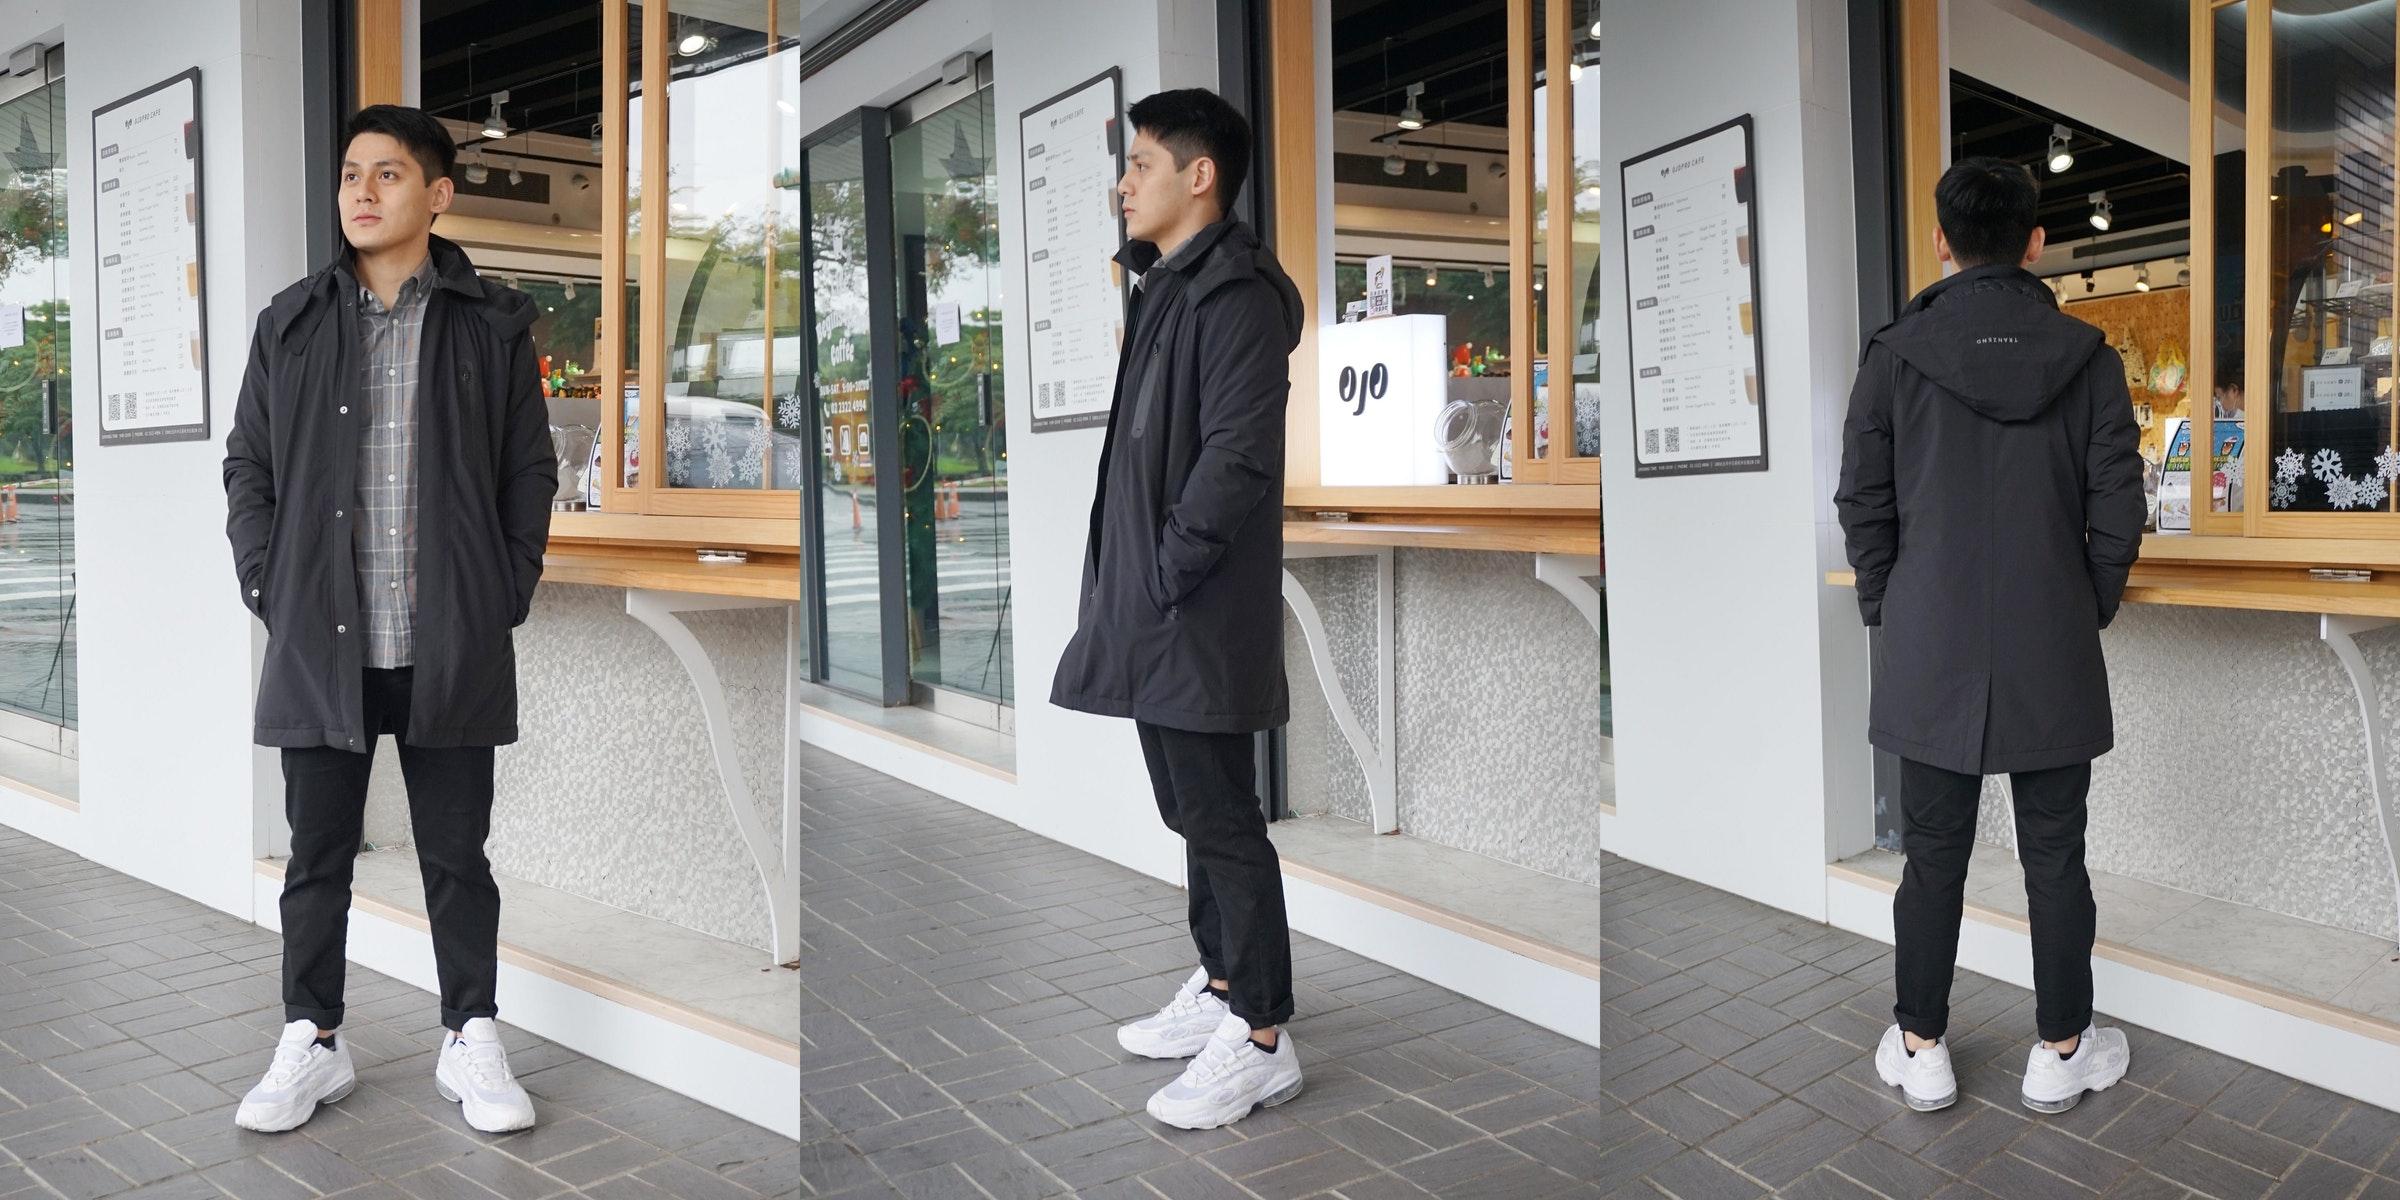 照片中提到了Oj0 OJOPRO CAFE、Sgar 10、L0,包含了牛仔褲、牛仔褲、塗層、時尚、夾克